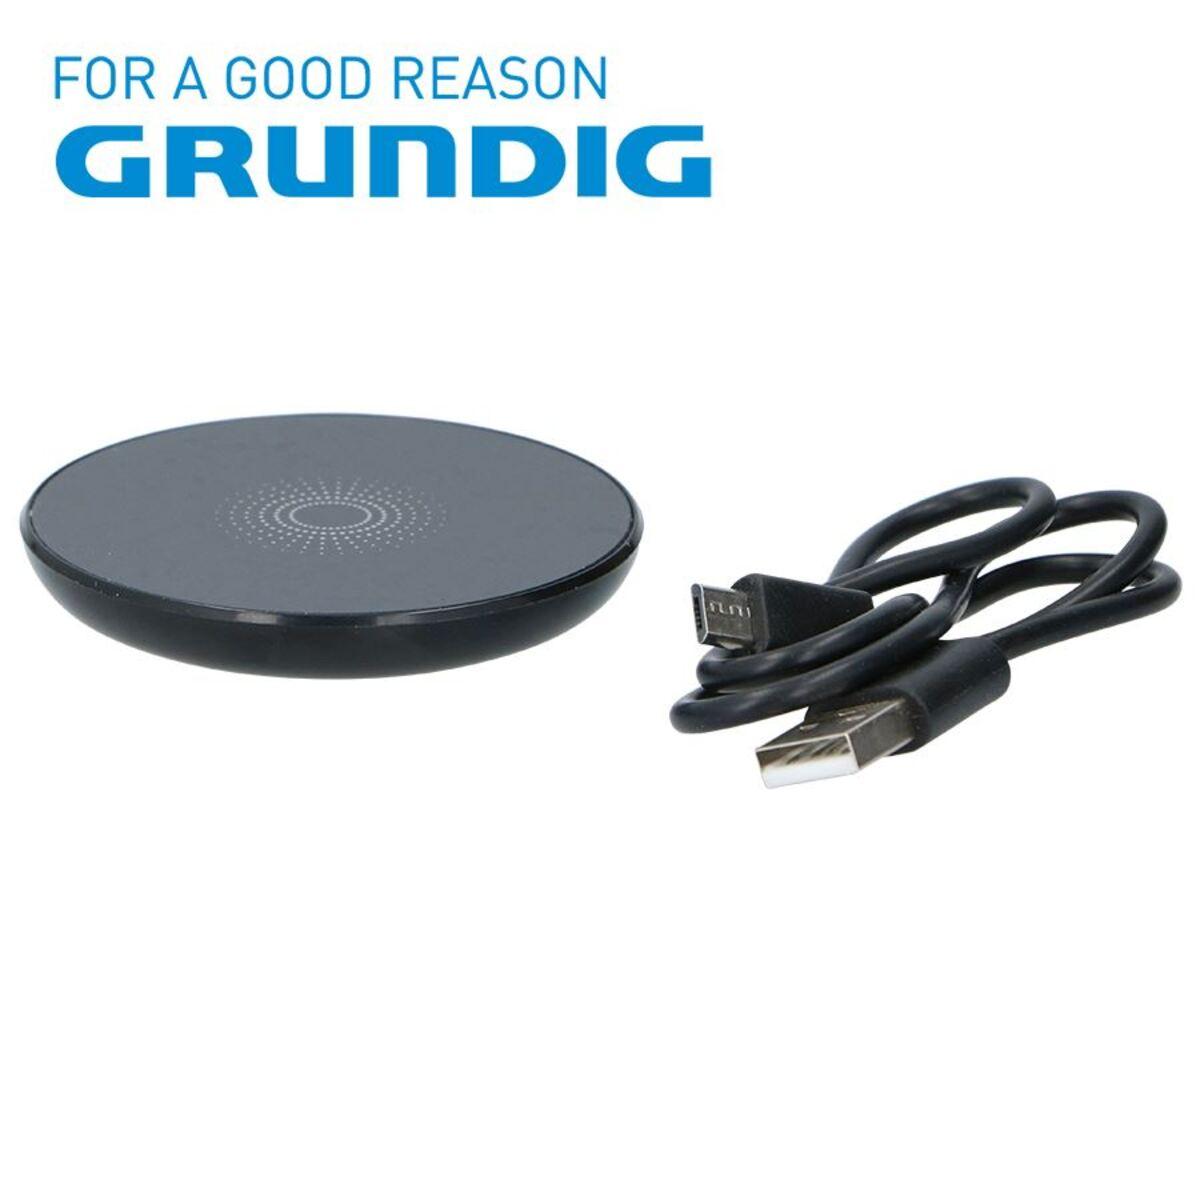 Bild 1 von Grundig Wireless Smartphone-Schnellladepad